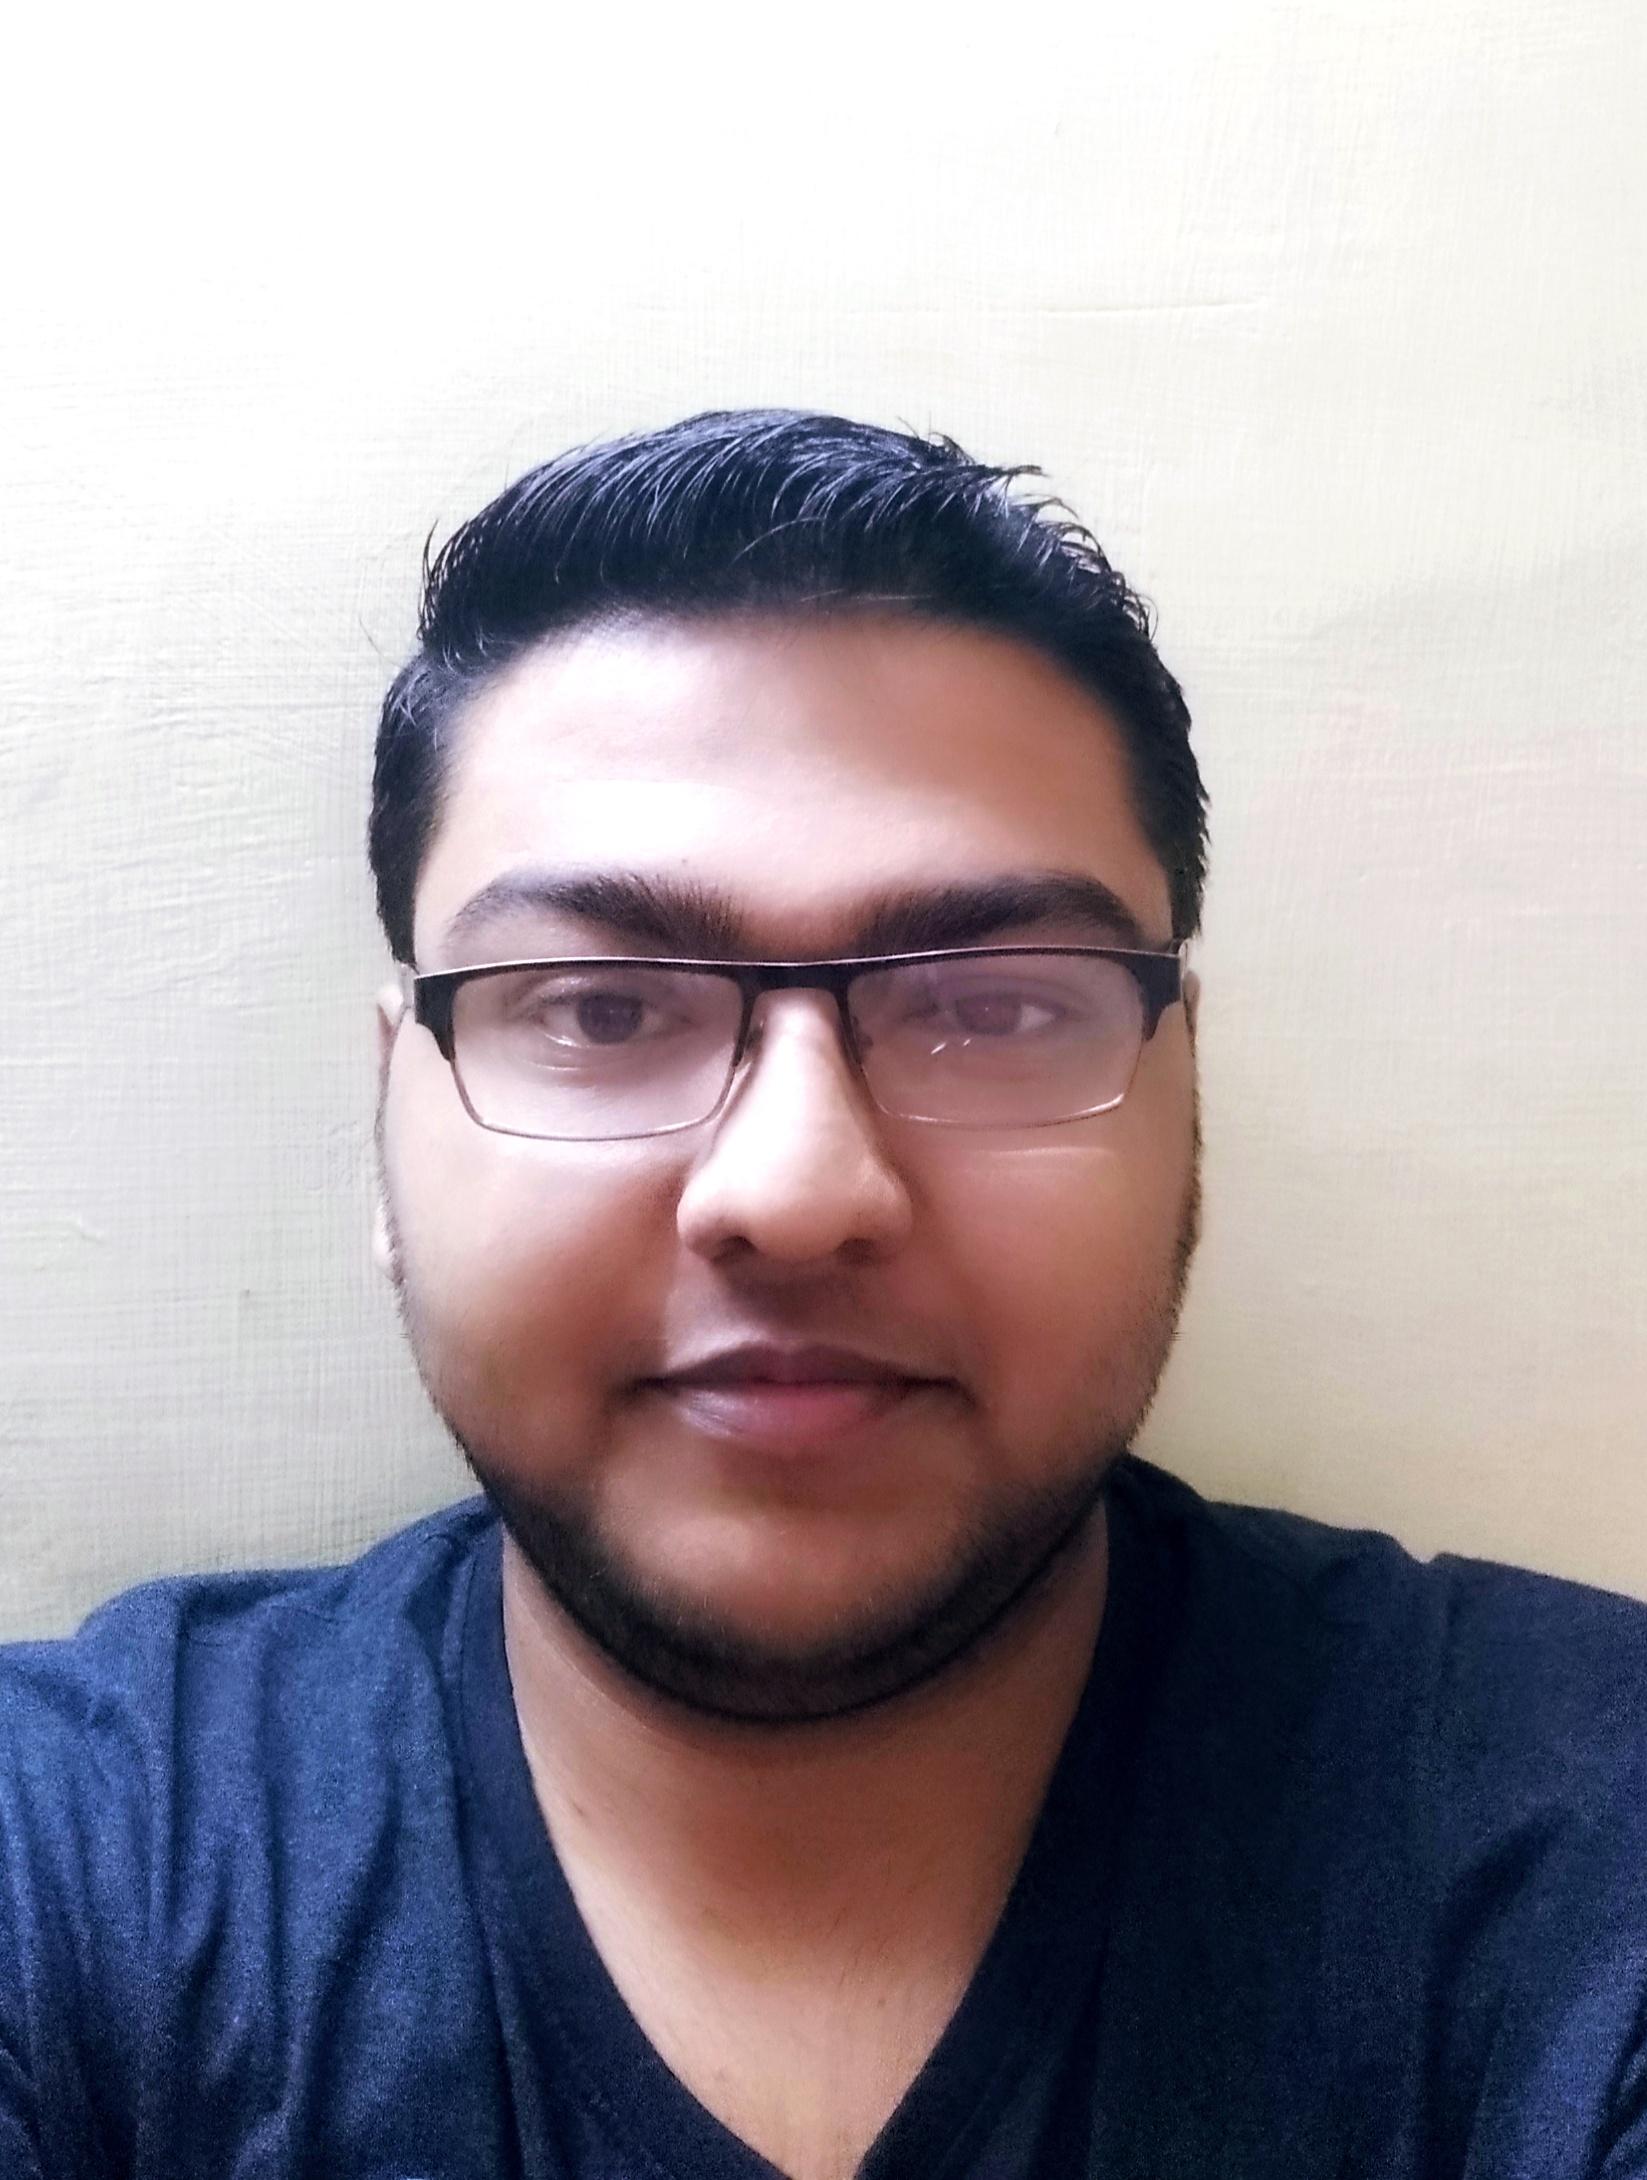 Keshav Gupta